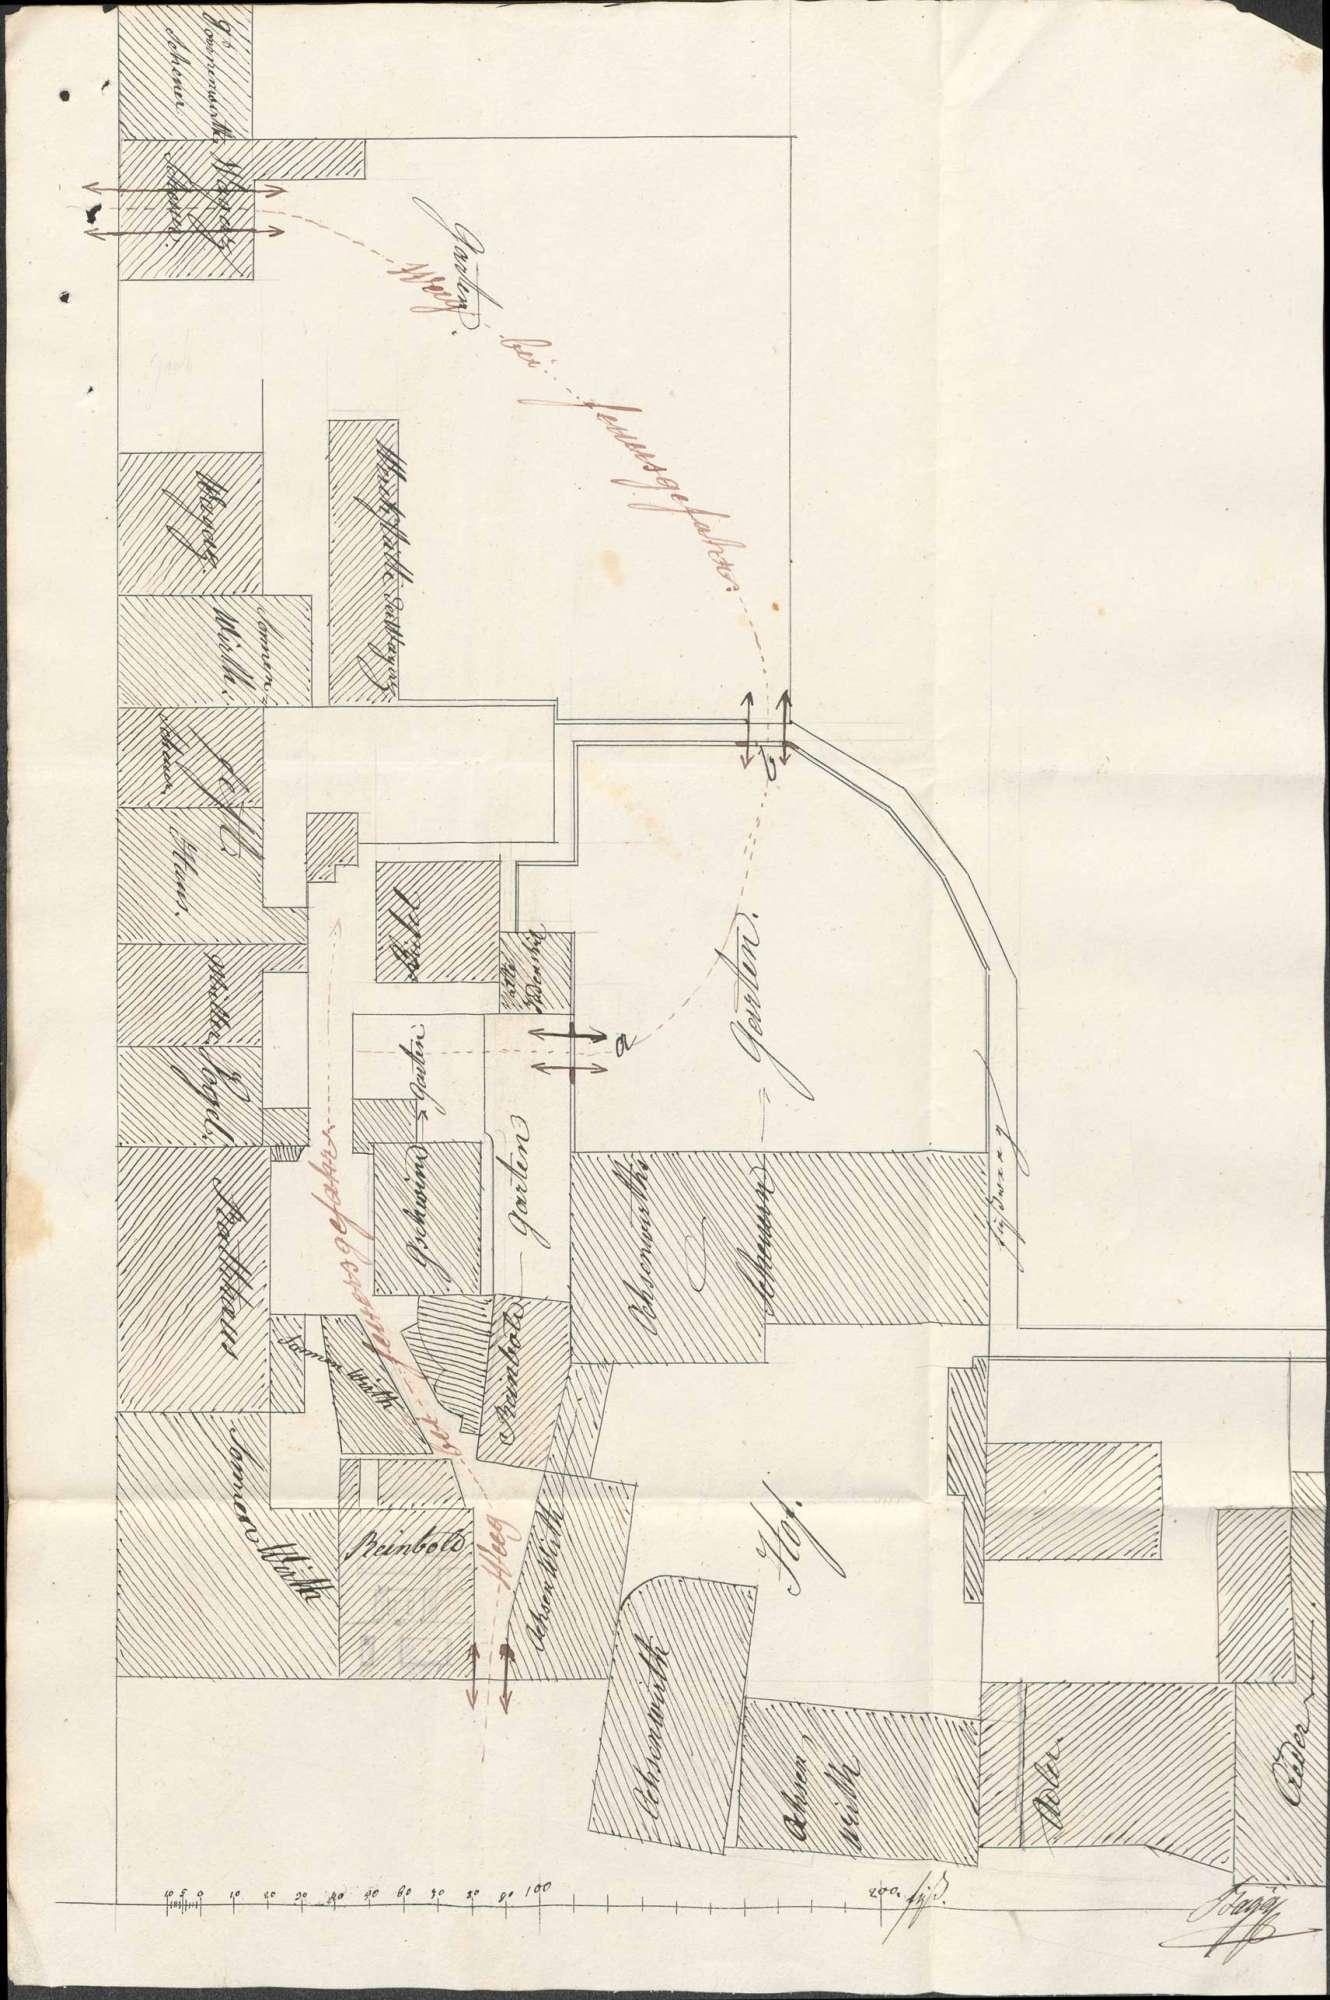 Erweiterung der Feuerlöschzugänge zu den Rückgebäuden mehrerer Anwesen in Lörrach, Bild 2